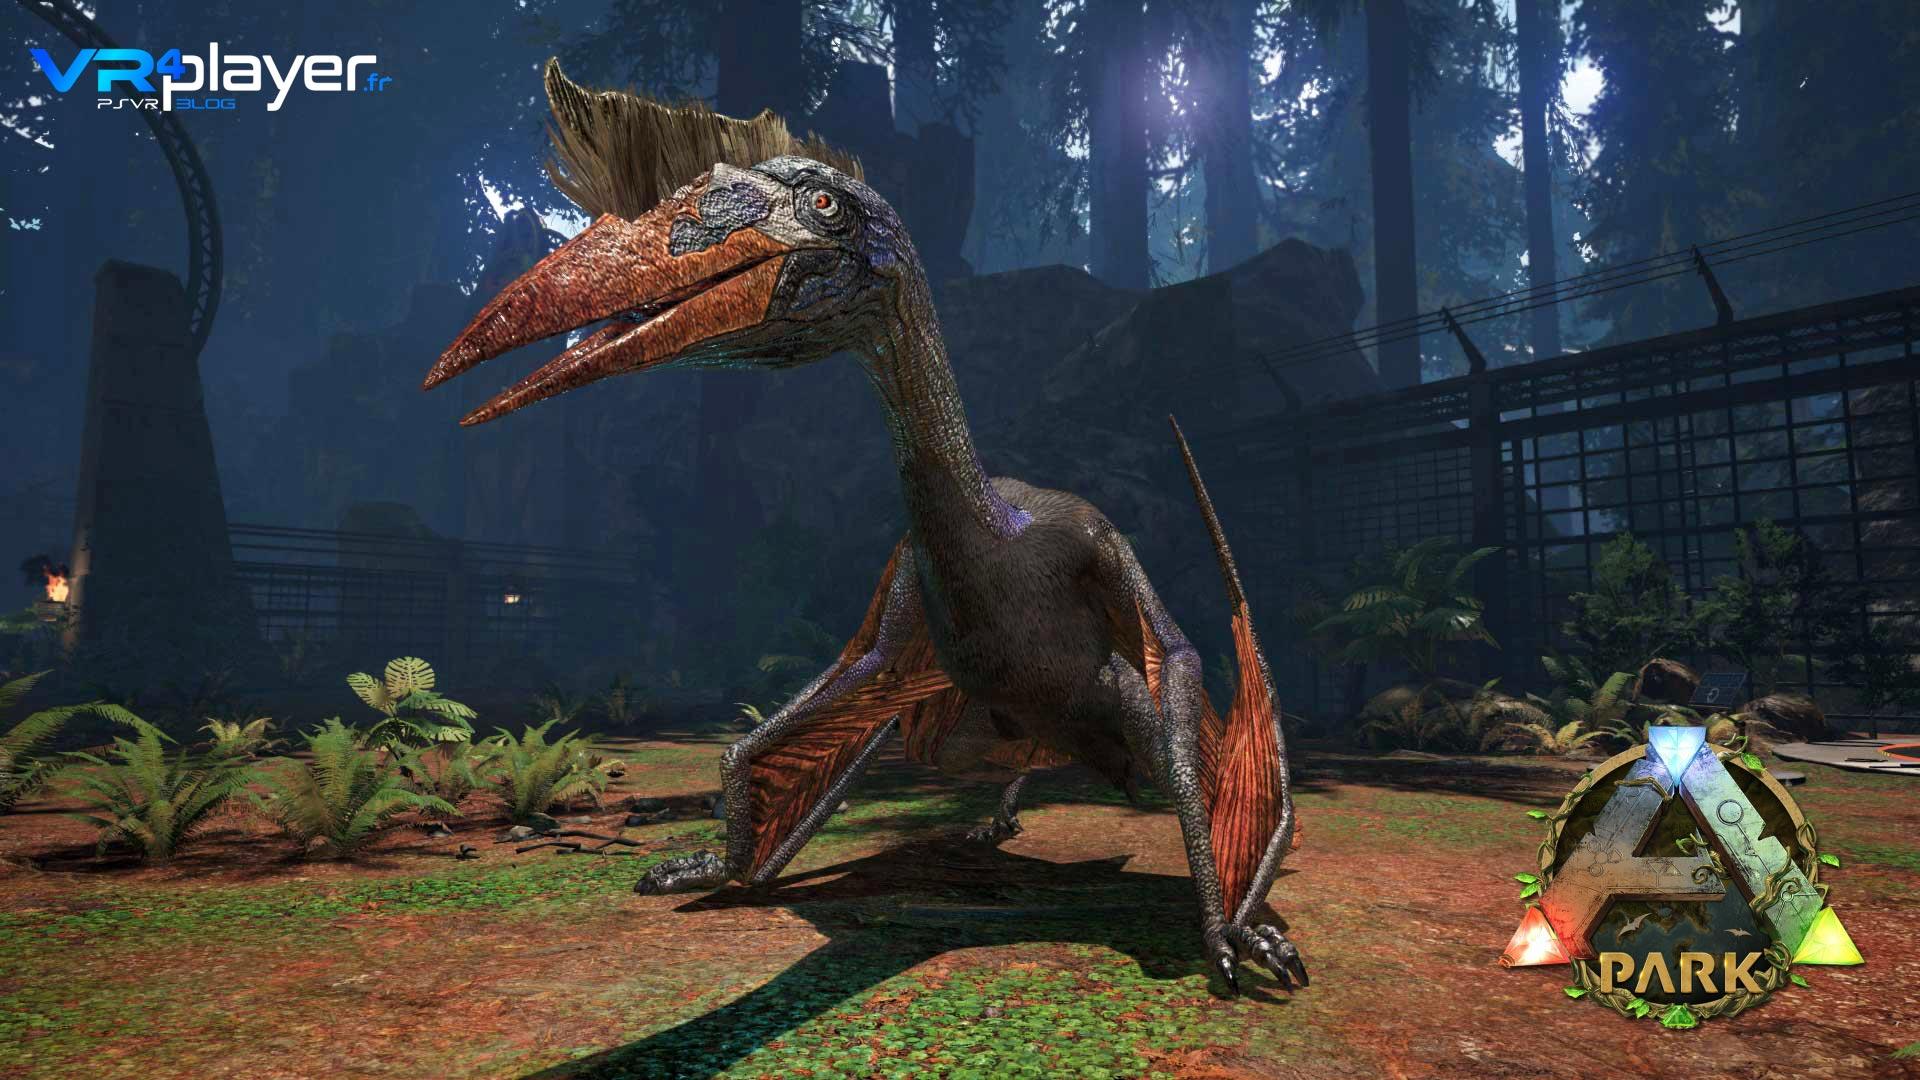 Ark Park Pterosaur DLC PSVR VR4Player.fr